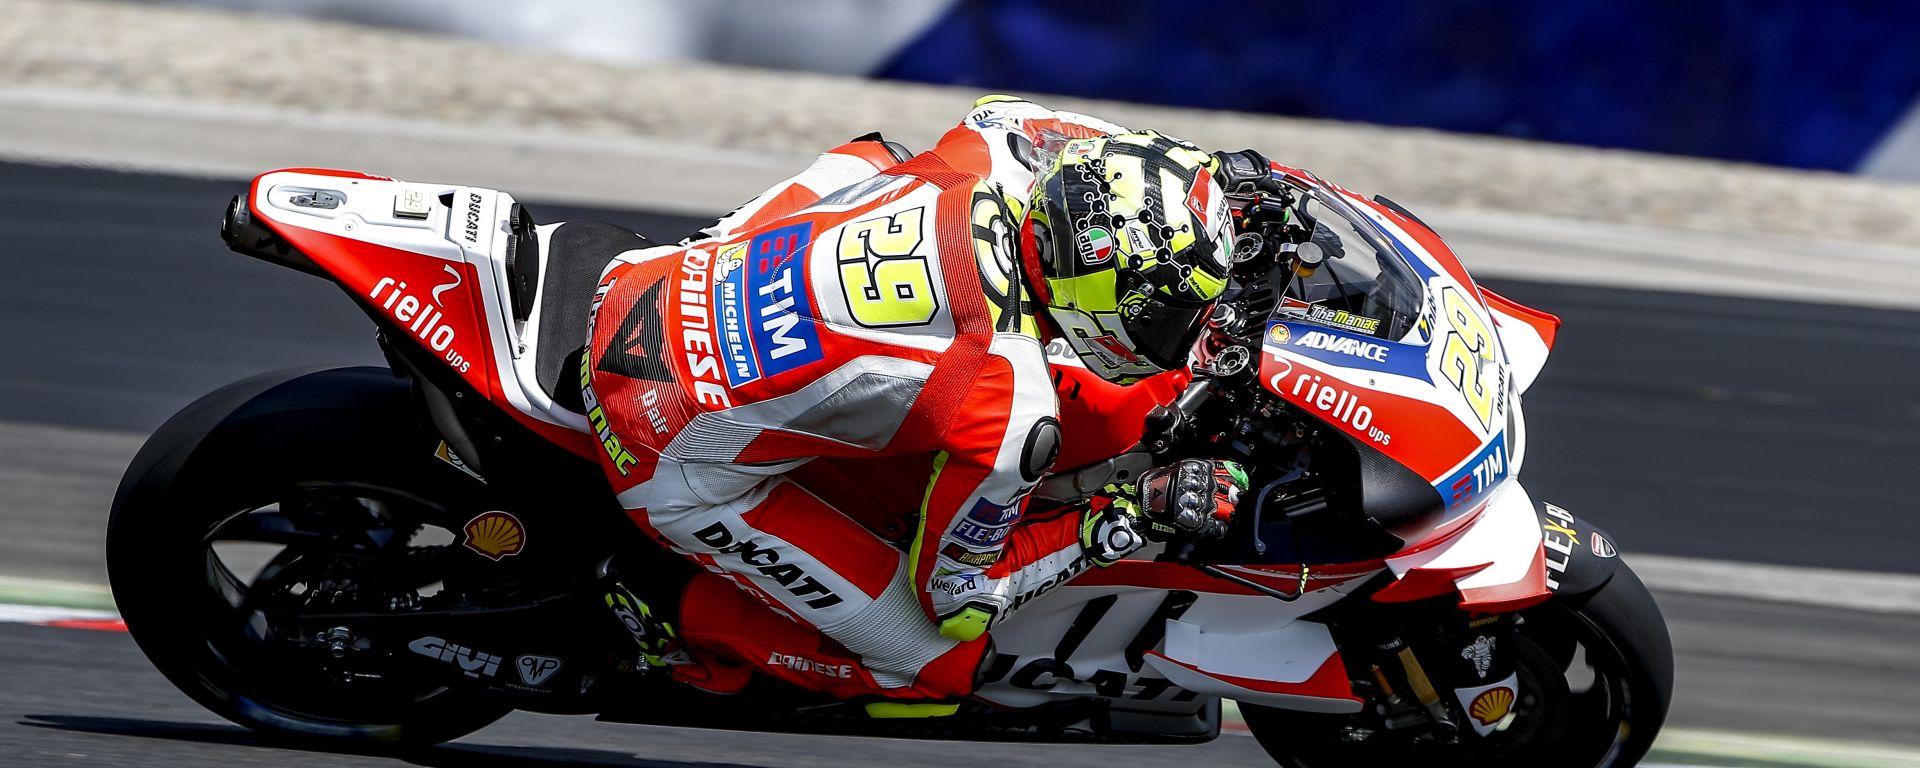 MotoGp 2016: Andrea Iannone il più veloce nei test Austriaci, Casey Stoner non correrà il prossimo GP